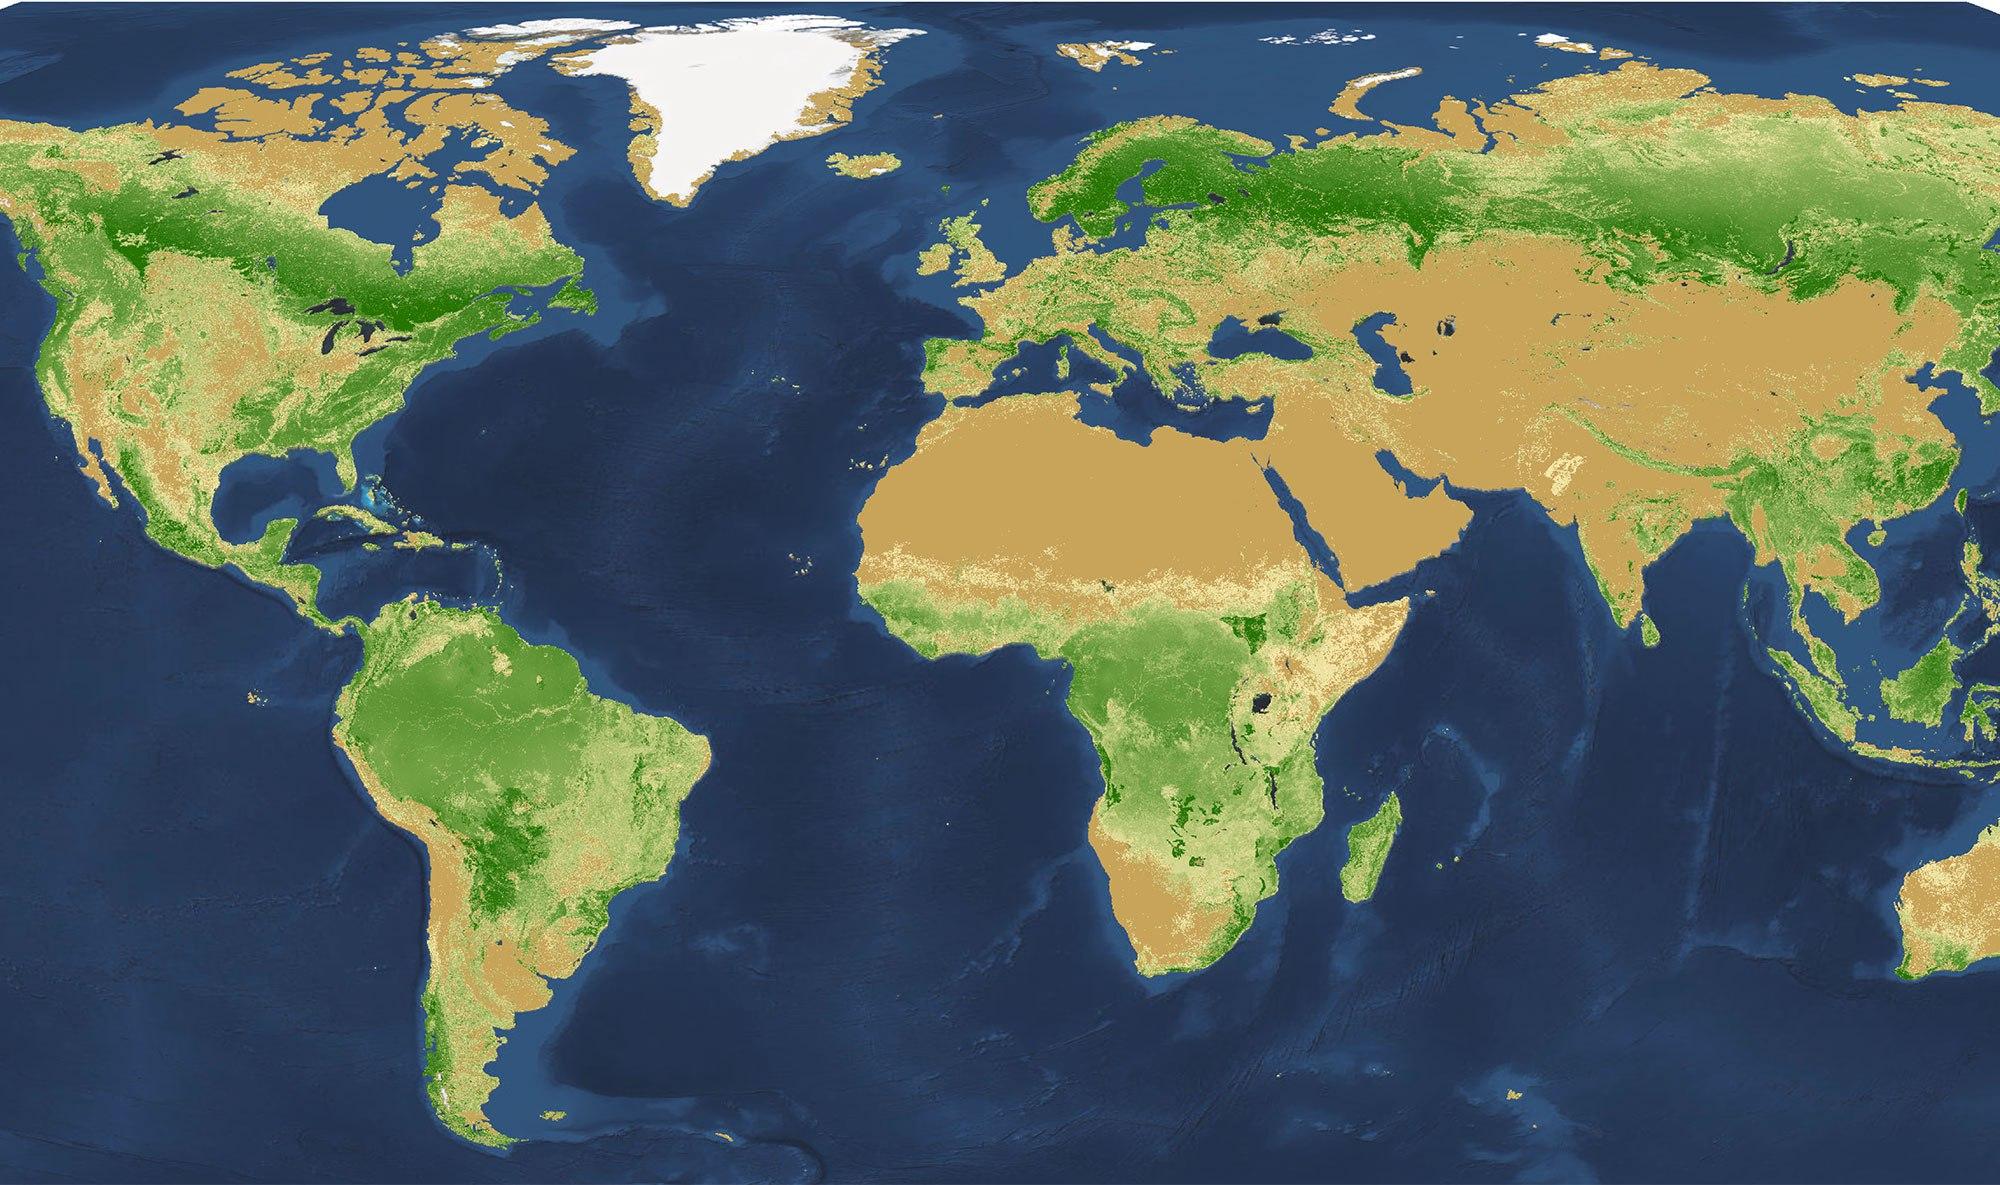 Мировая карта плотности лесов